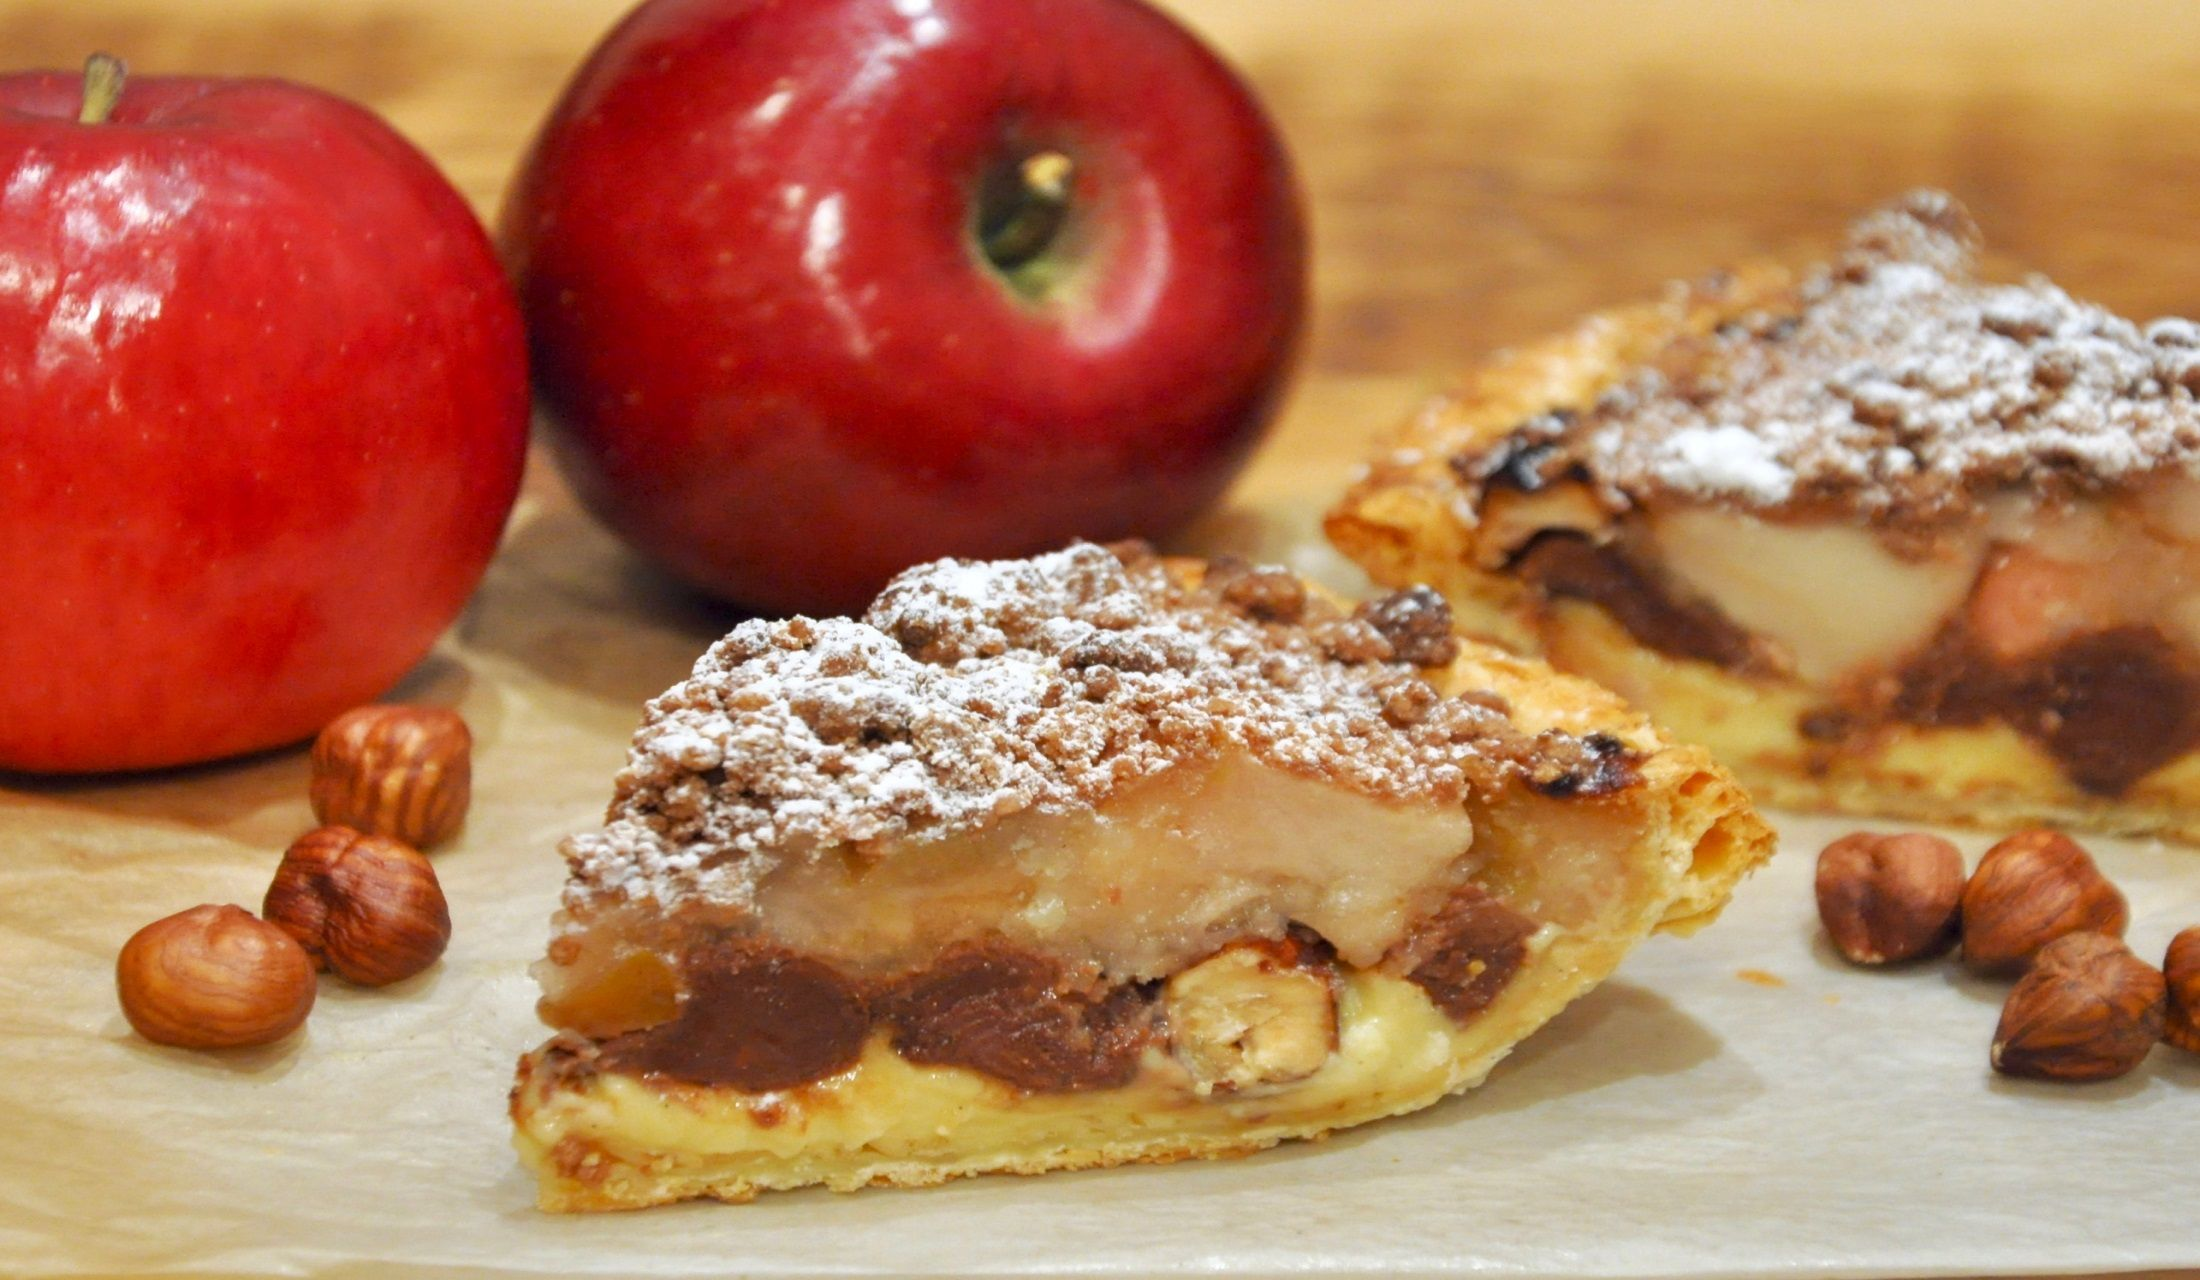 東急プラザ銀座から発売されるおすすめのバレンタインギフトのチョコレート風味のアップルパイ